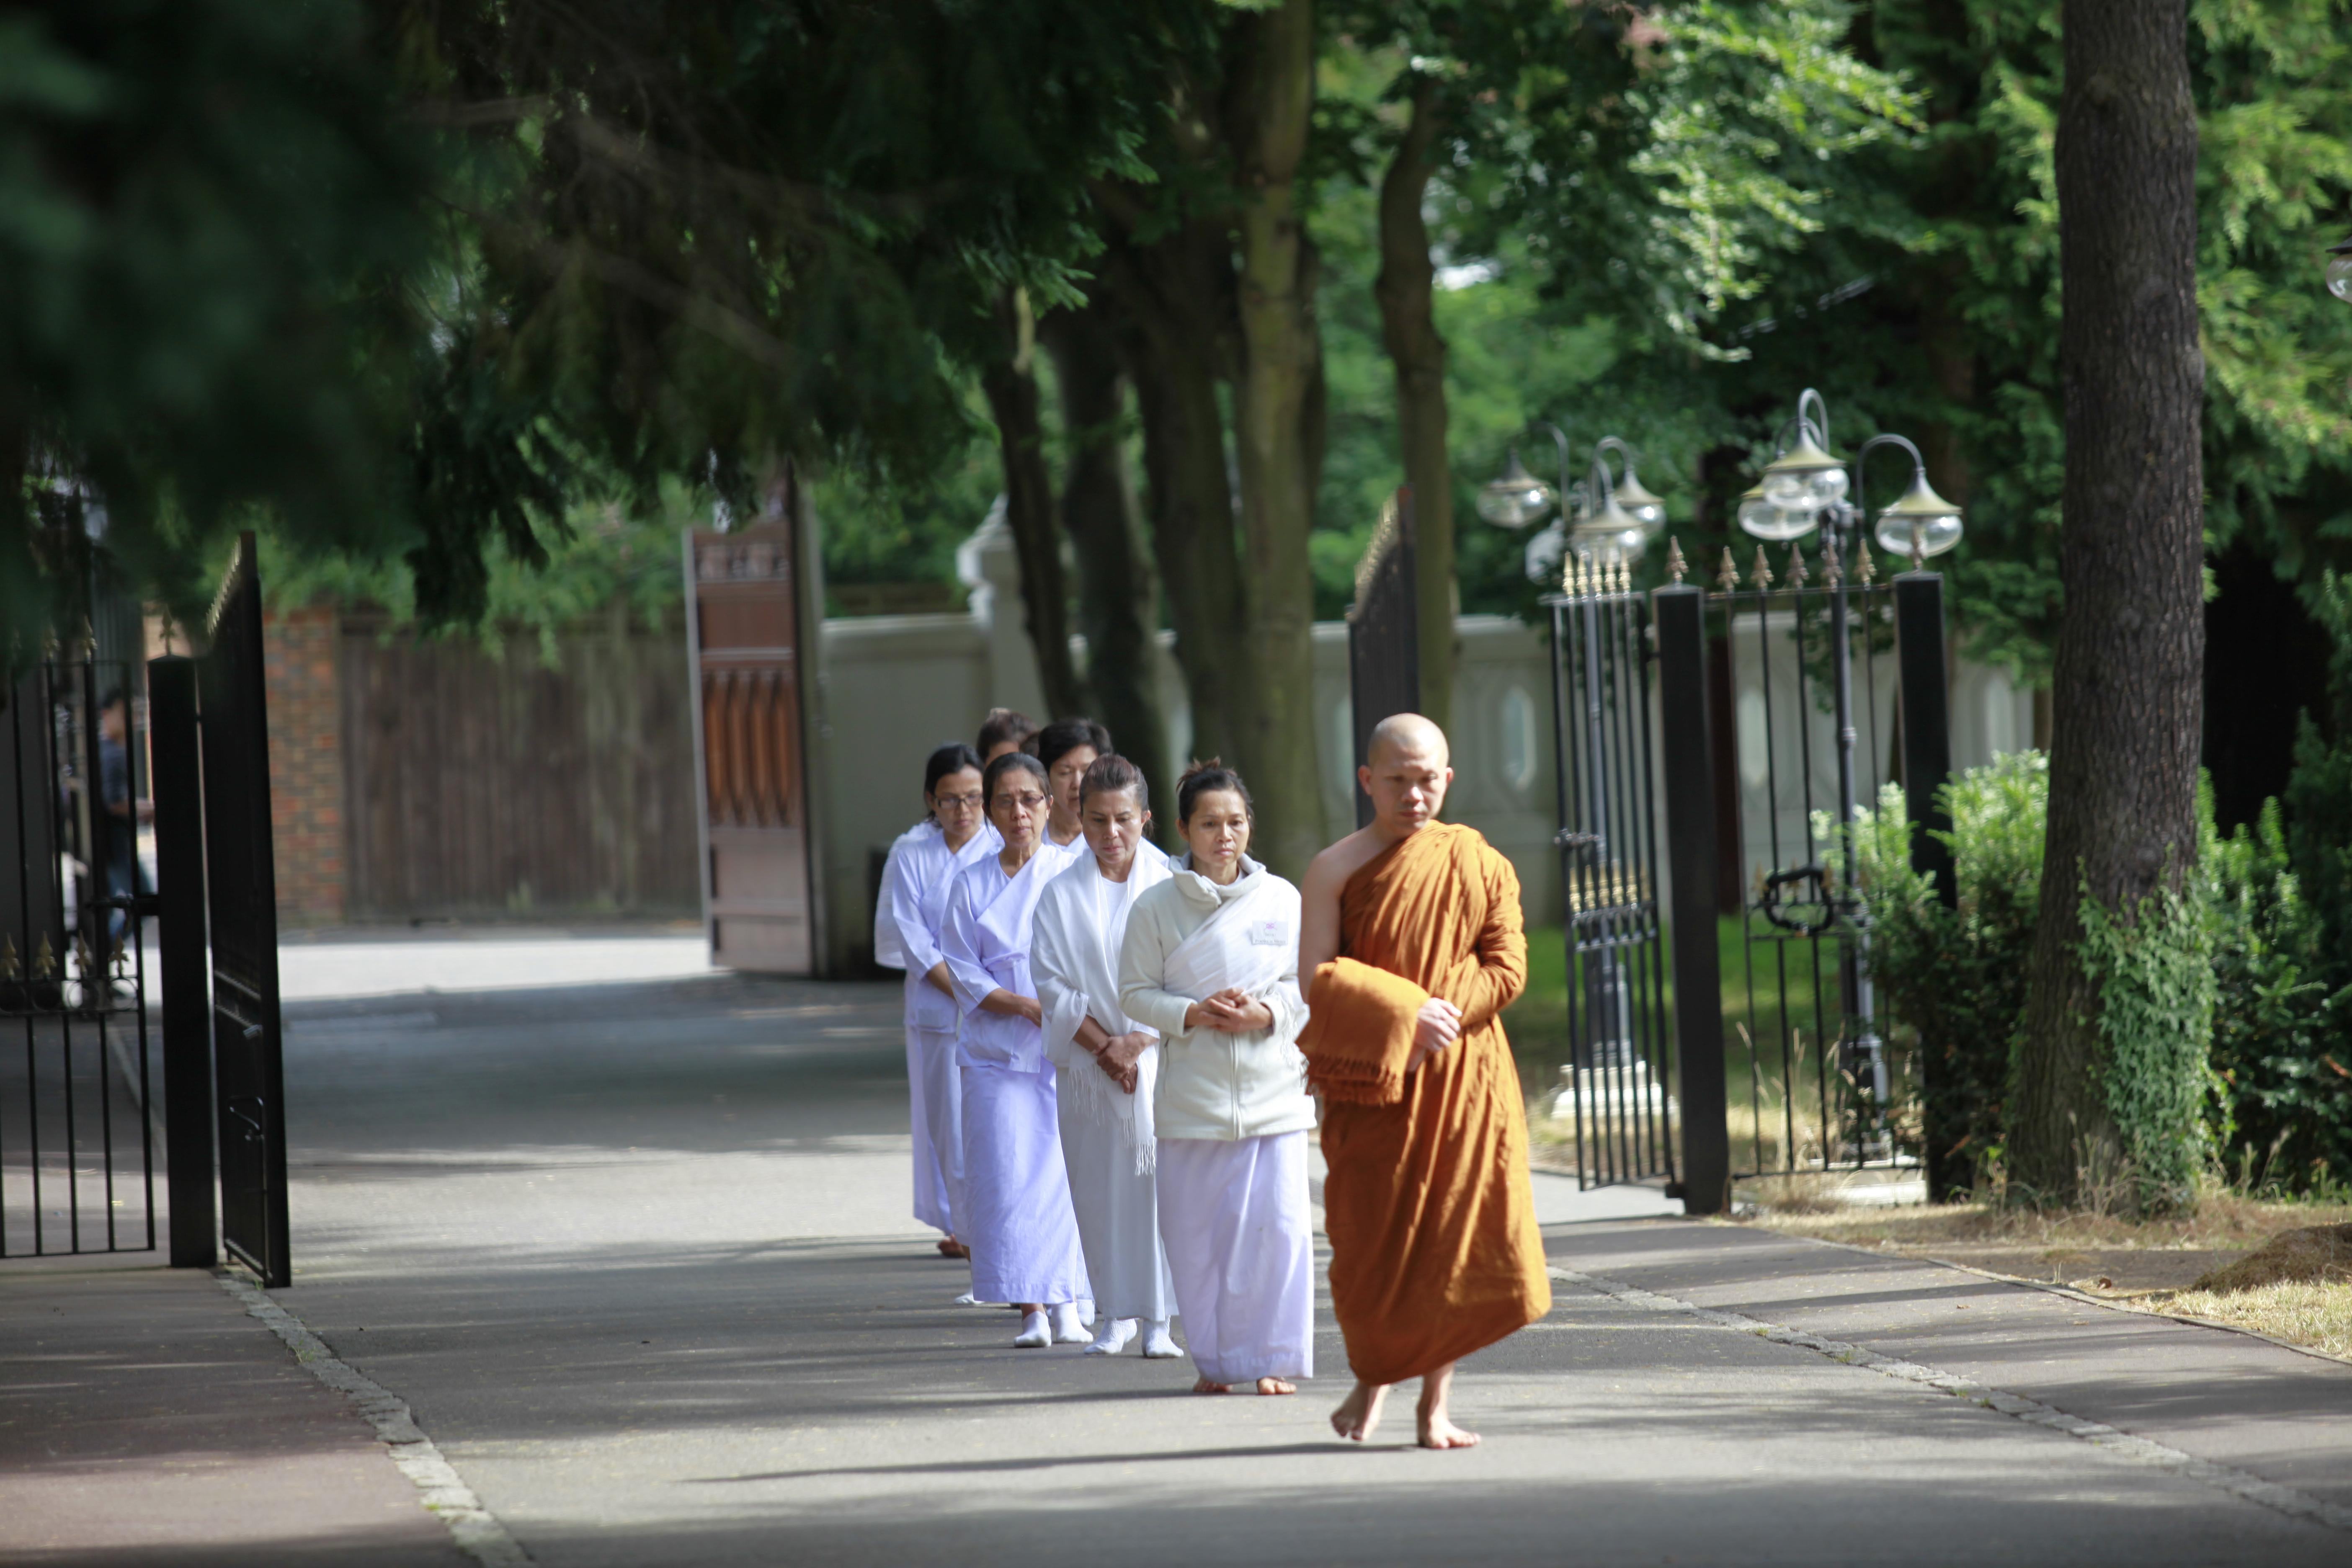 Wat Buddhapadipa Buddhist temple, Wimbledon